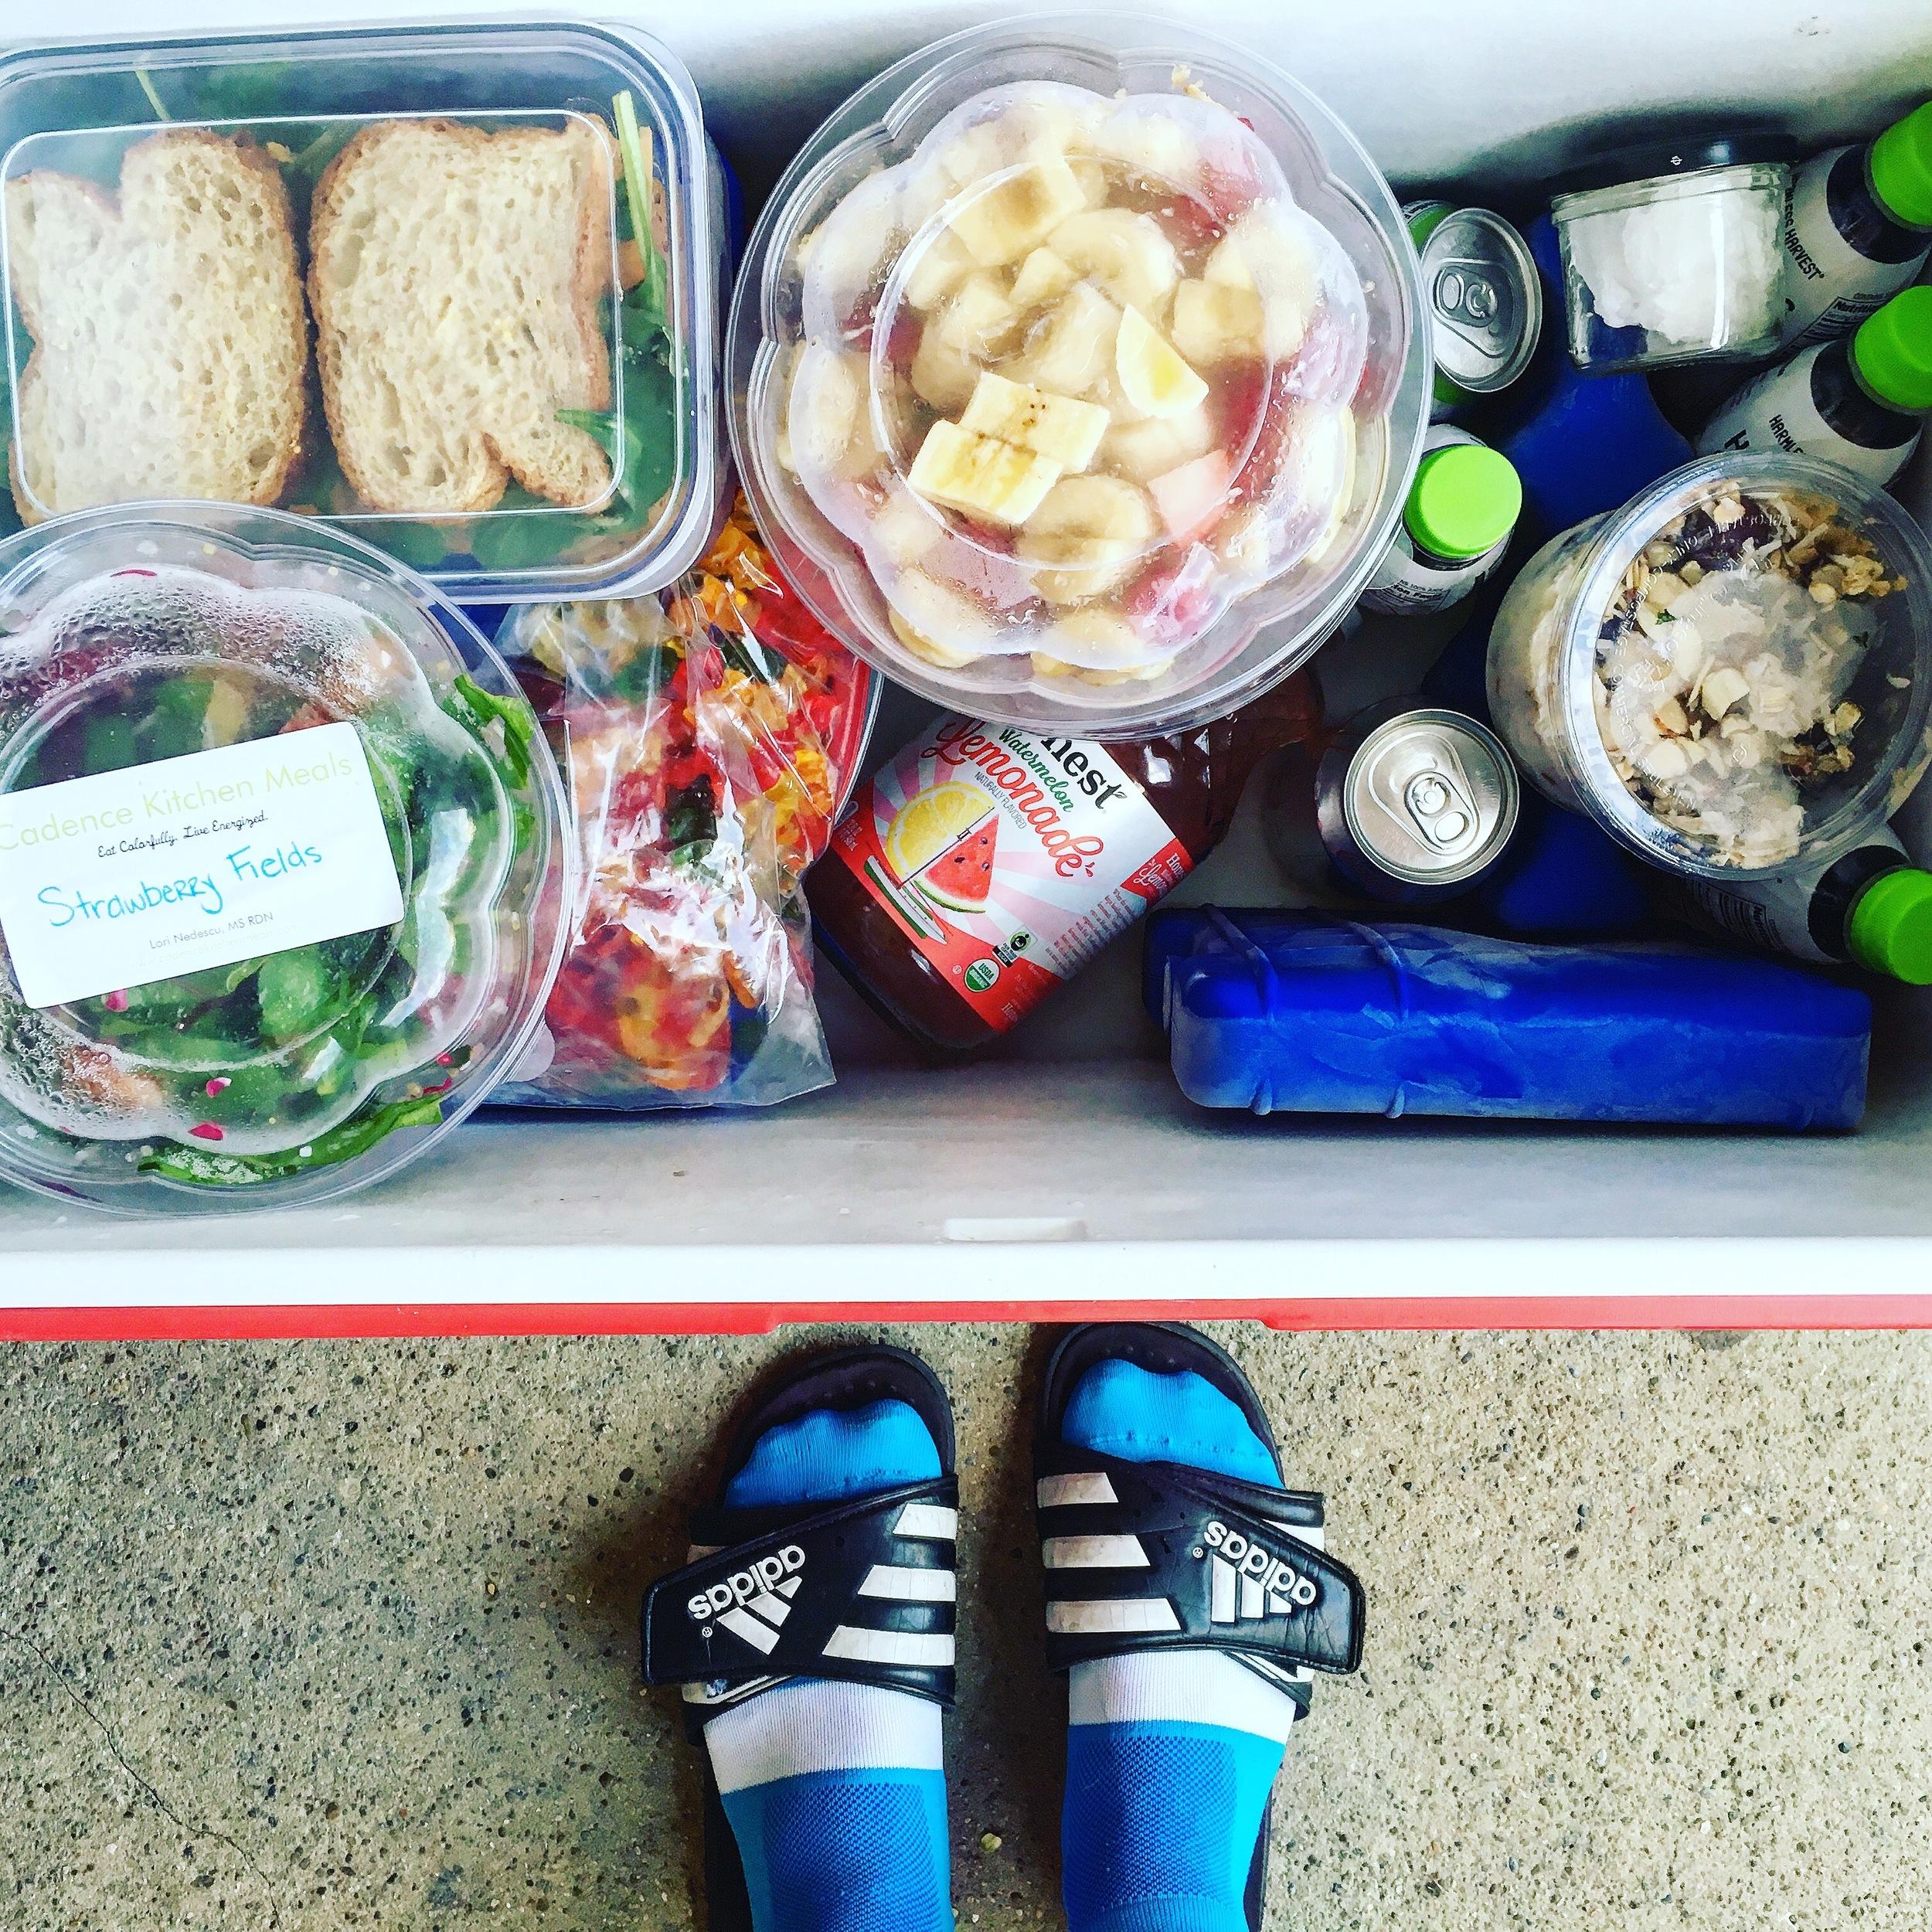 Travel food goals.